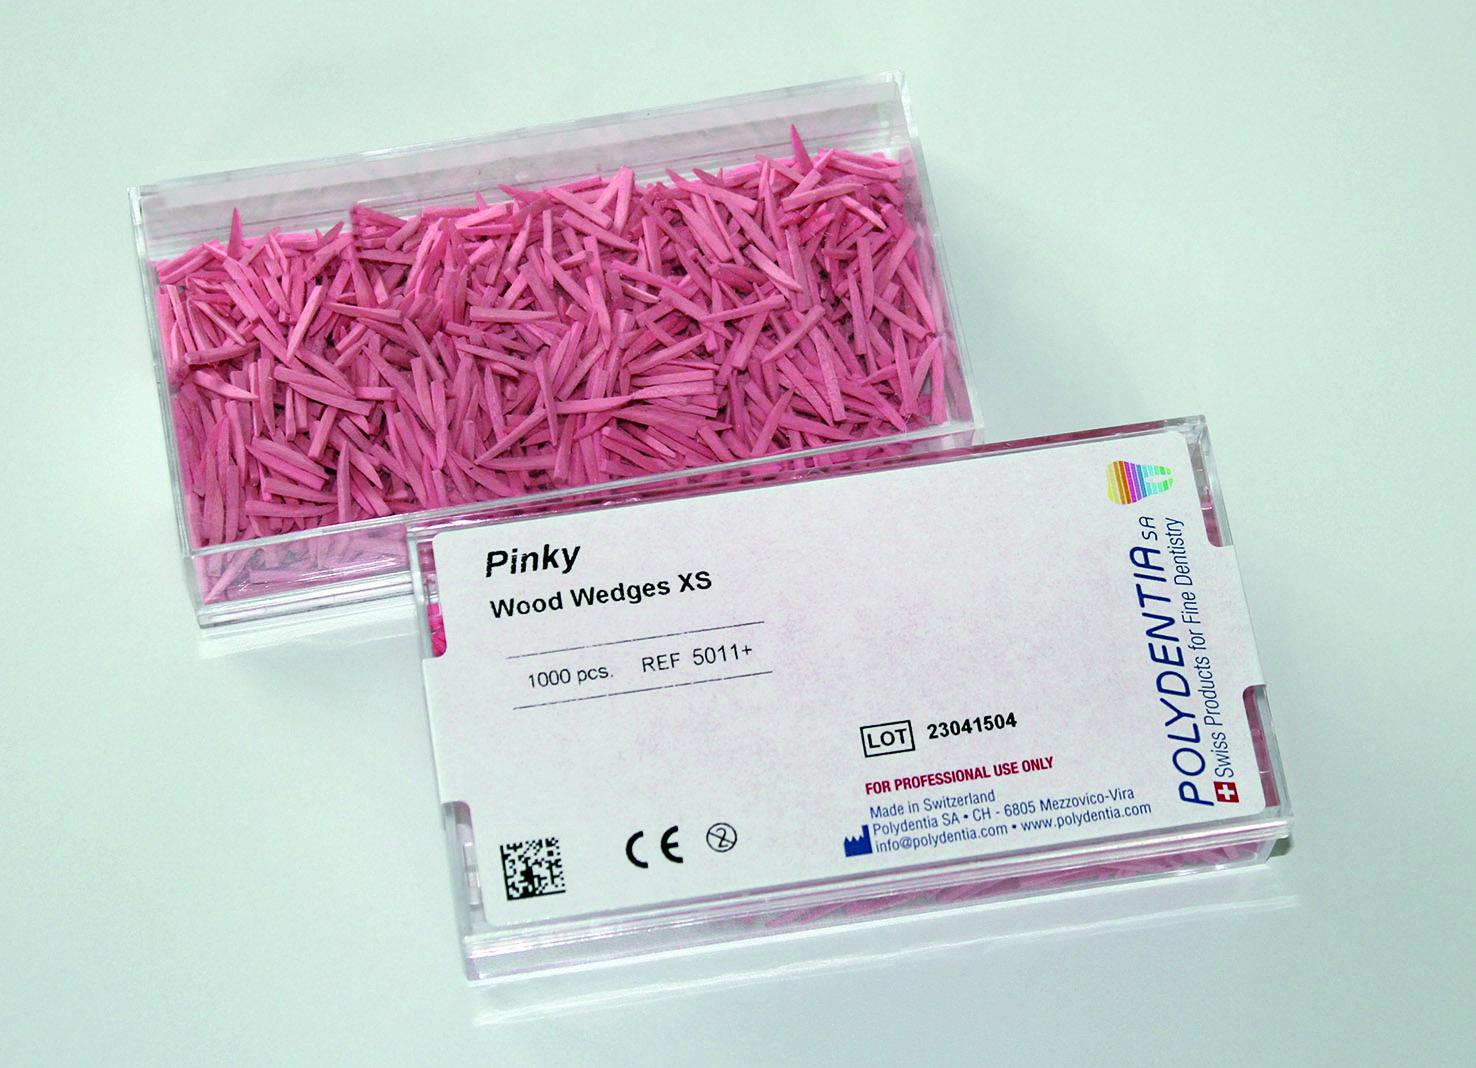 Pinky Wood Wedges xs 11mm - 200 pcs